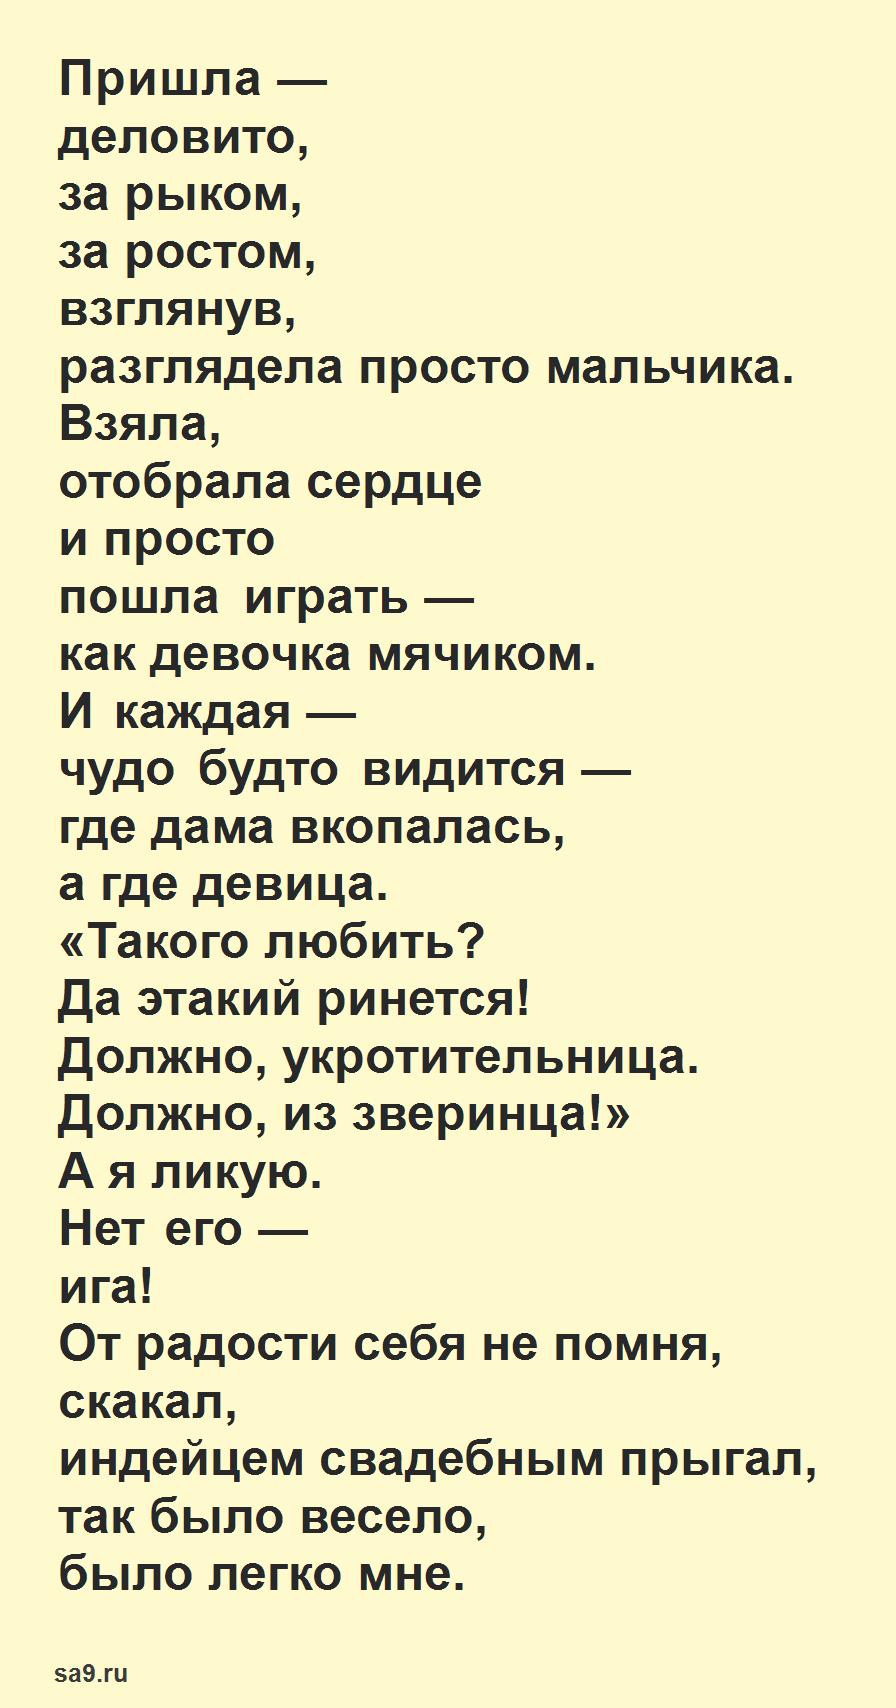 Стихи Маяковского о любви - Ты